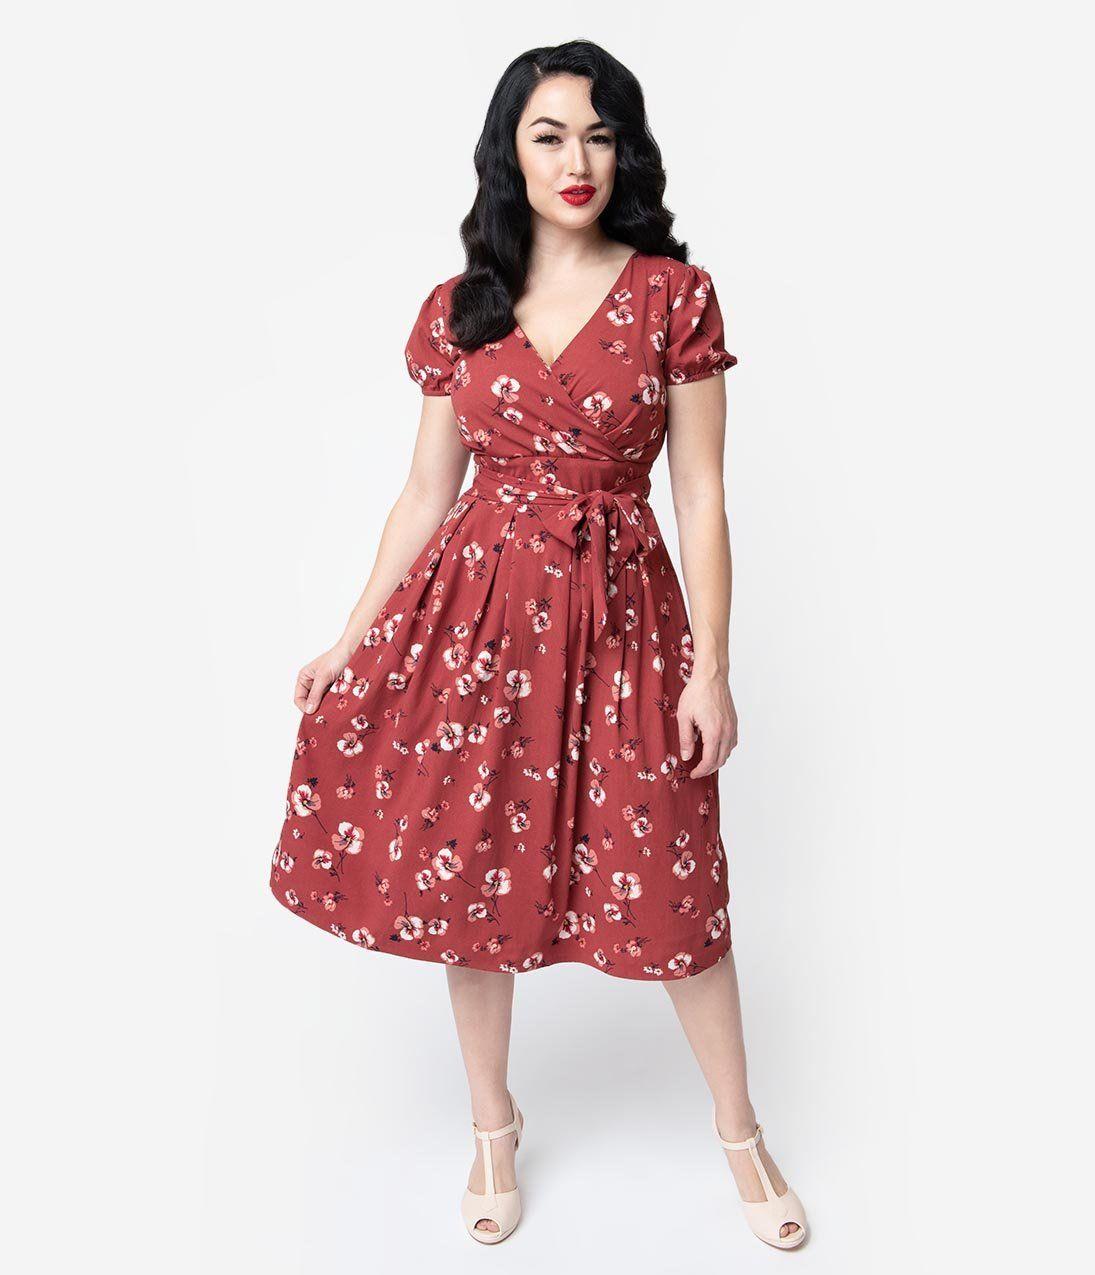 1940s Style Dark Pink Floral Short Sleeve Katelyn Midi Dress Unique Vintage 1940s Fashion Unique Dresses Vintage Dresses [ 1275 x 1095 Pixel ]